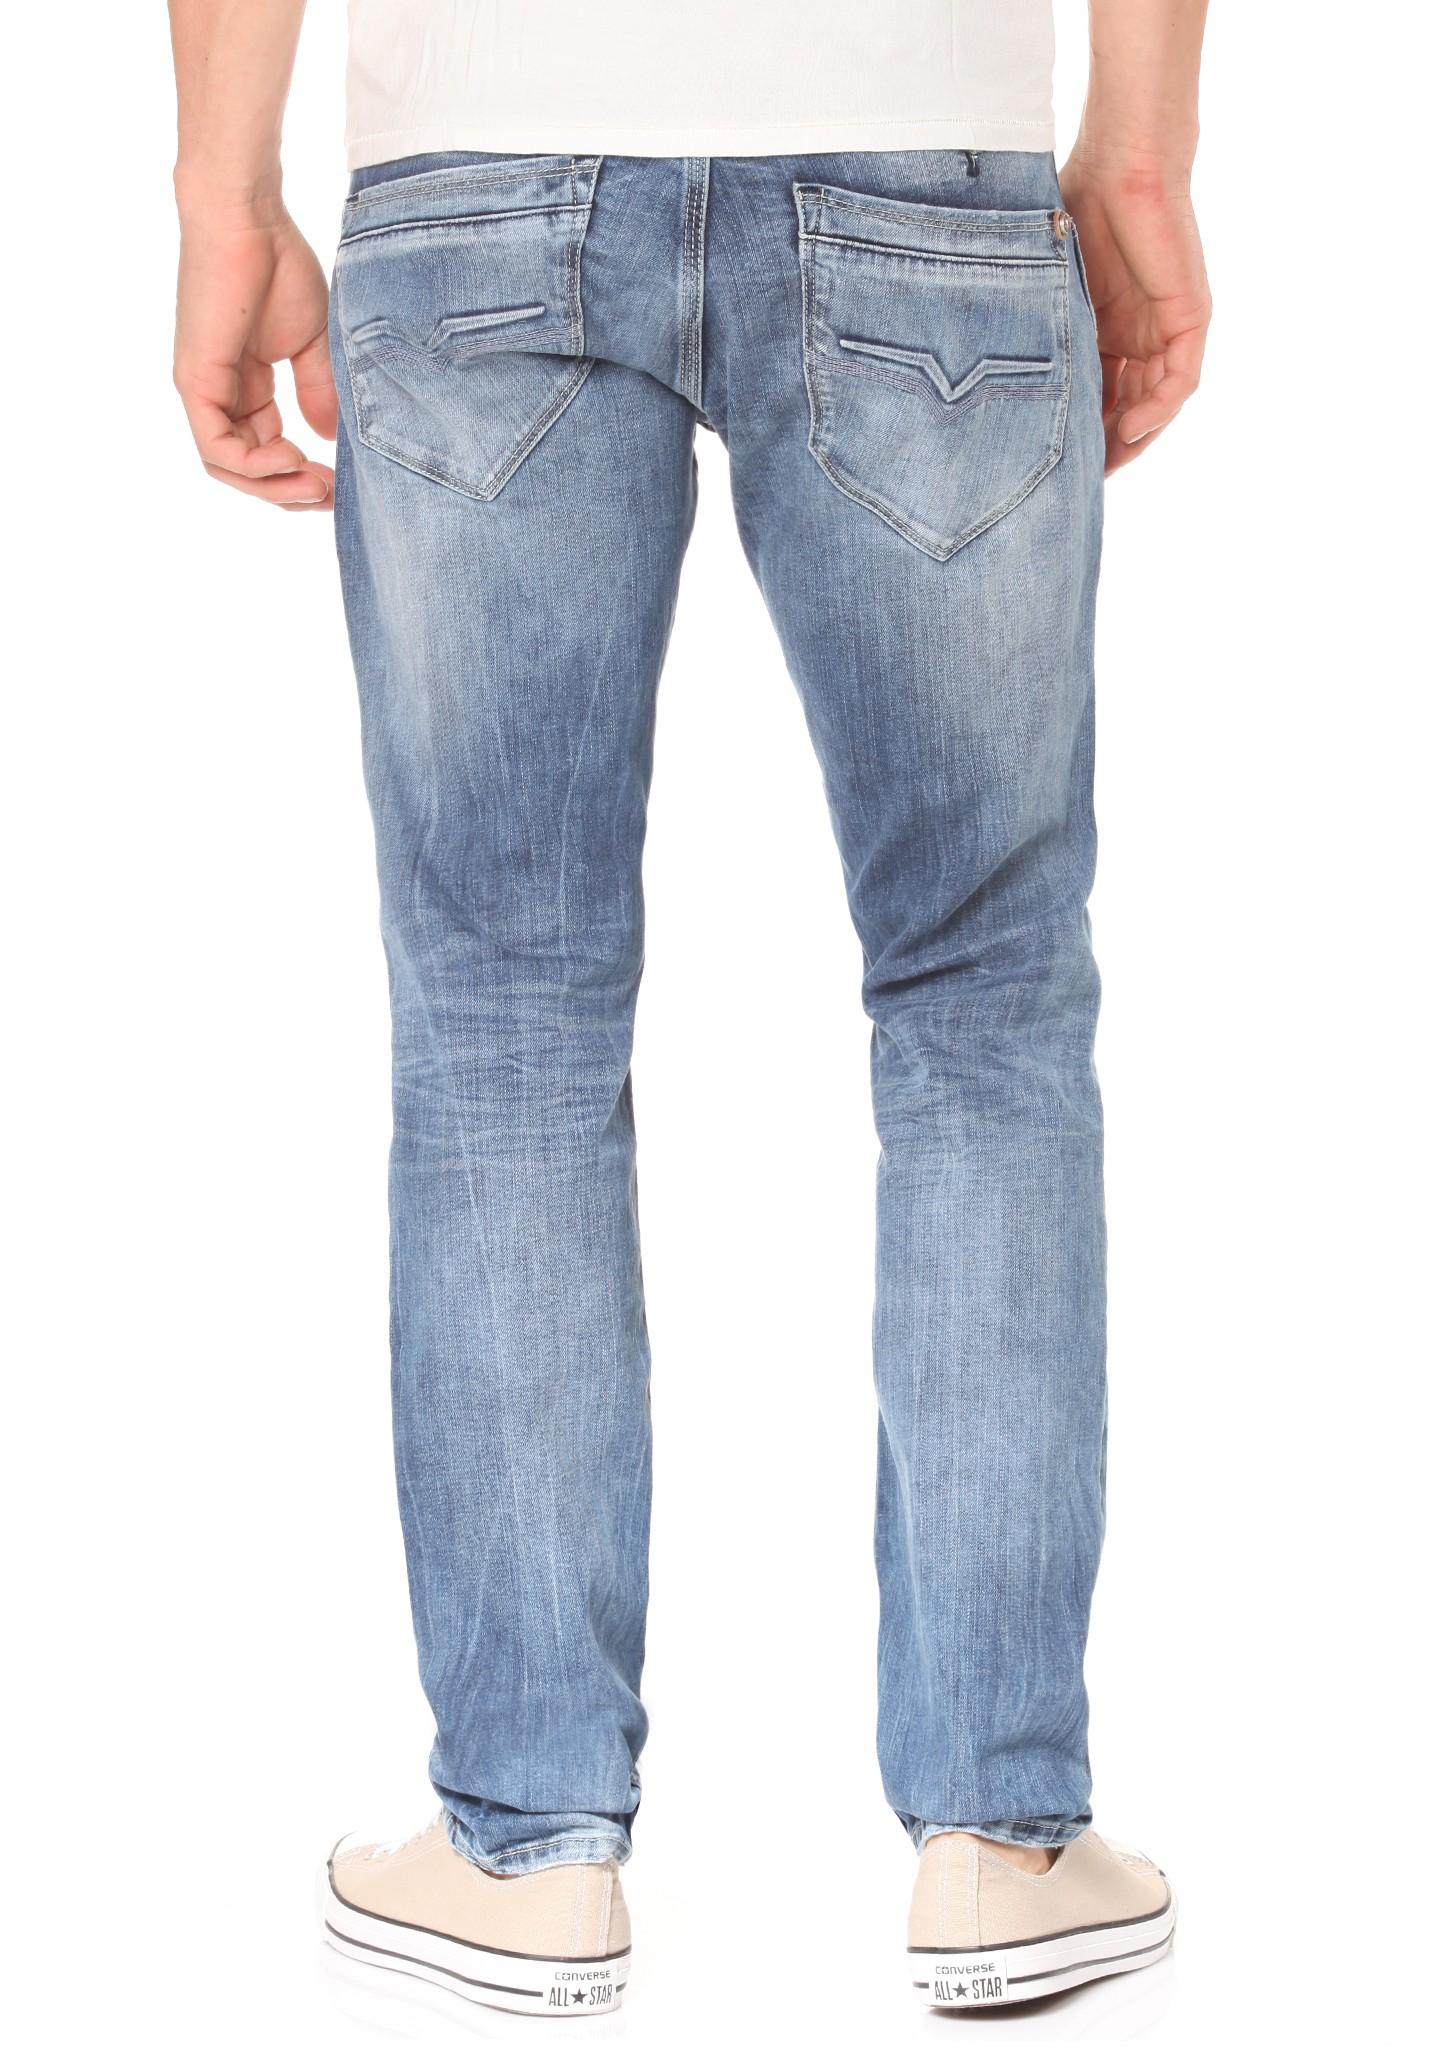 neu pepe jeans spike herren jeans hose ebay. Black Bedroom Furniture Sets. Home Design Ideas